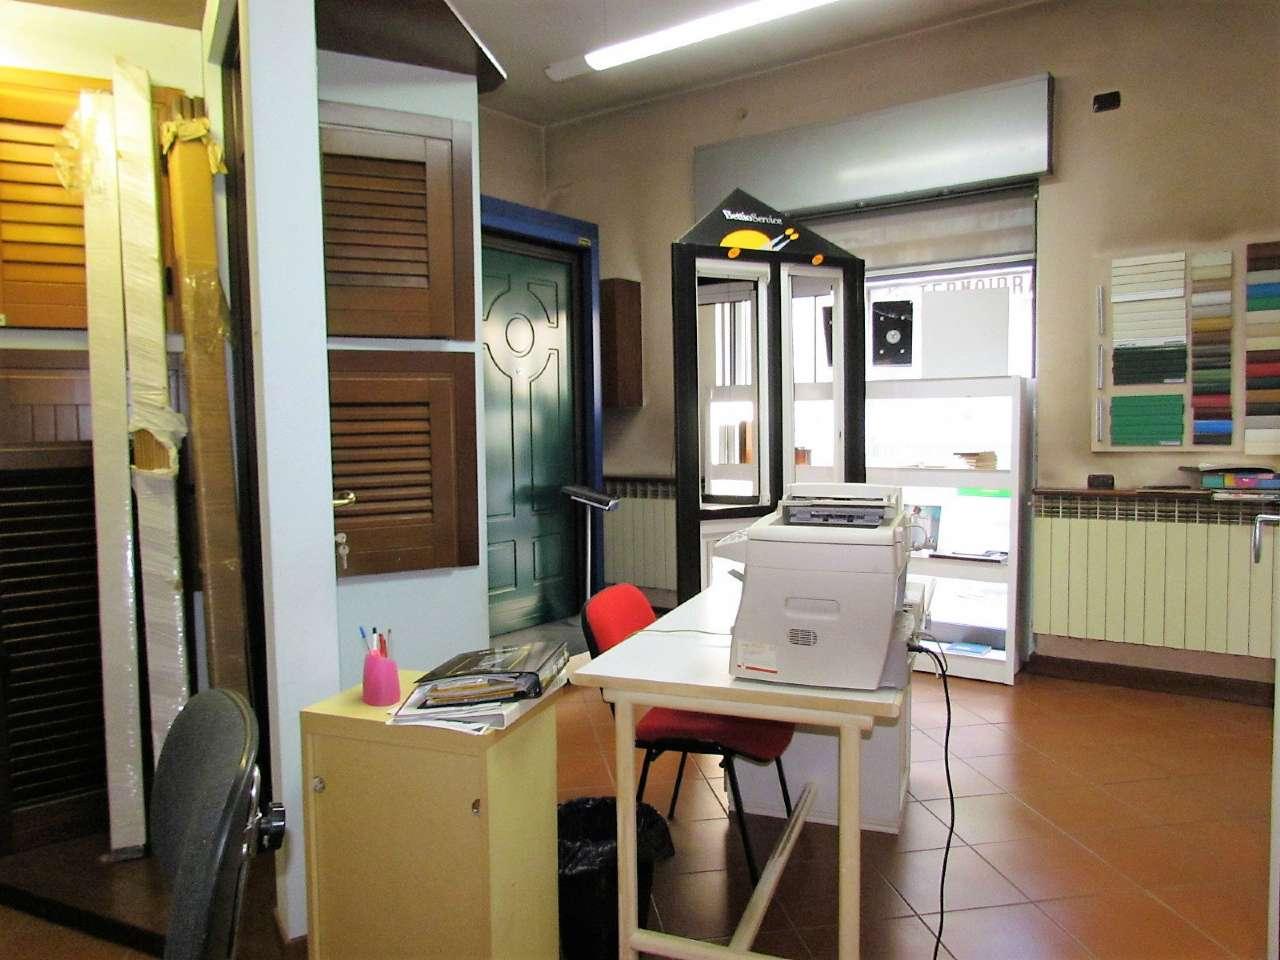 Negozio / Locale in vendita a Tradate, 3 locali, prezzo € 135.000 | CambioCasa.it